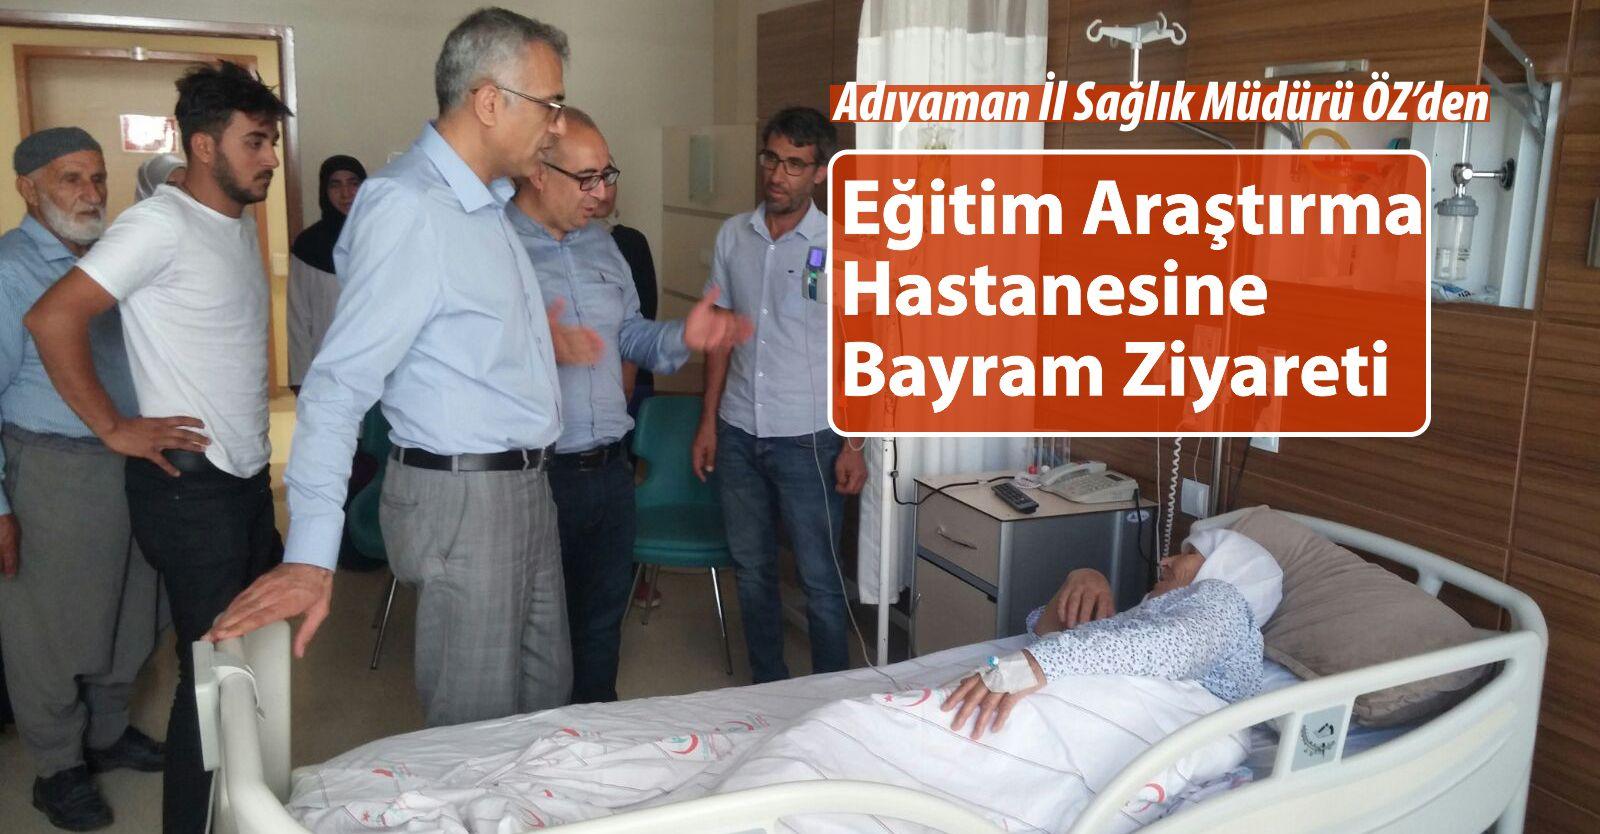 İl Sağlık Müdürü ÖZ'den Eğitim Ve Araştırma Hastanesine Bayram Ziyareti